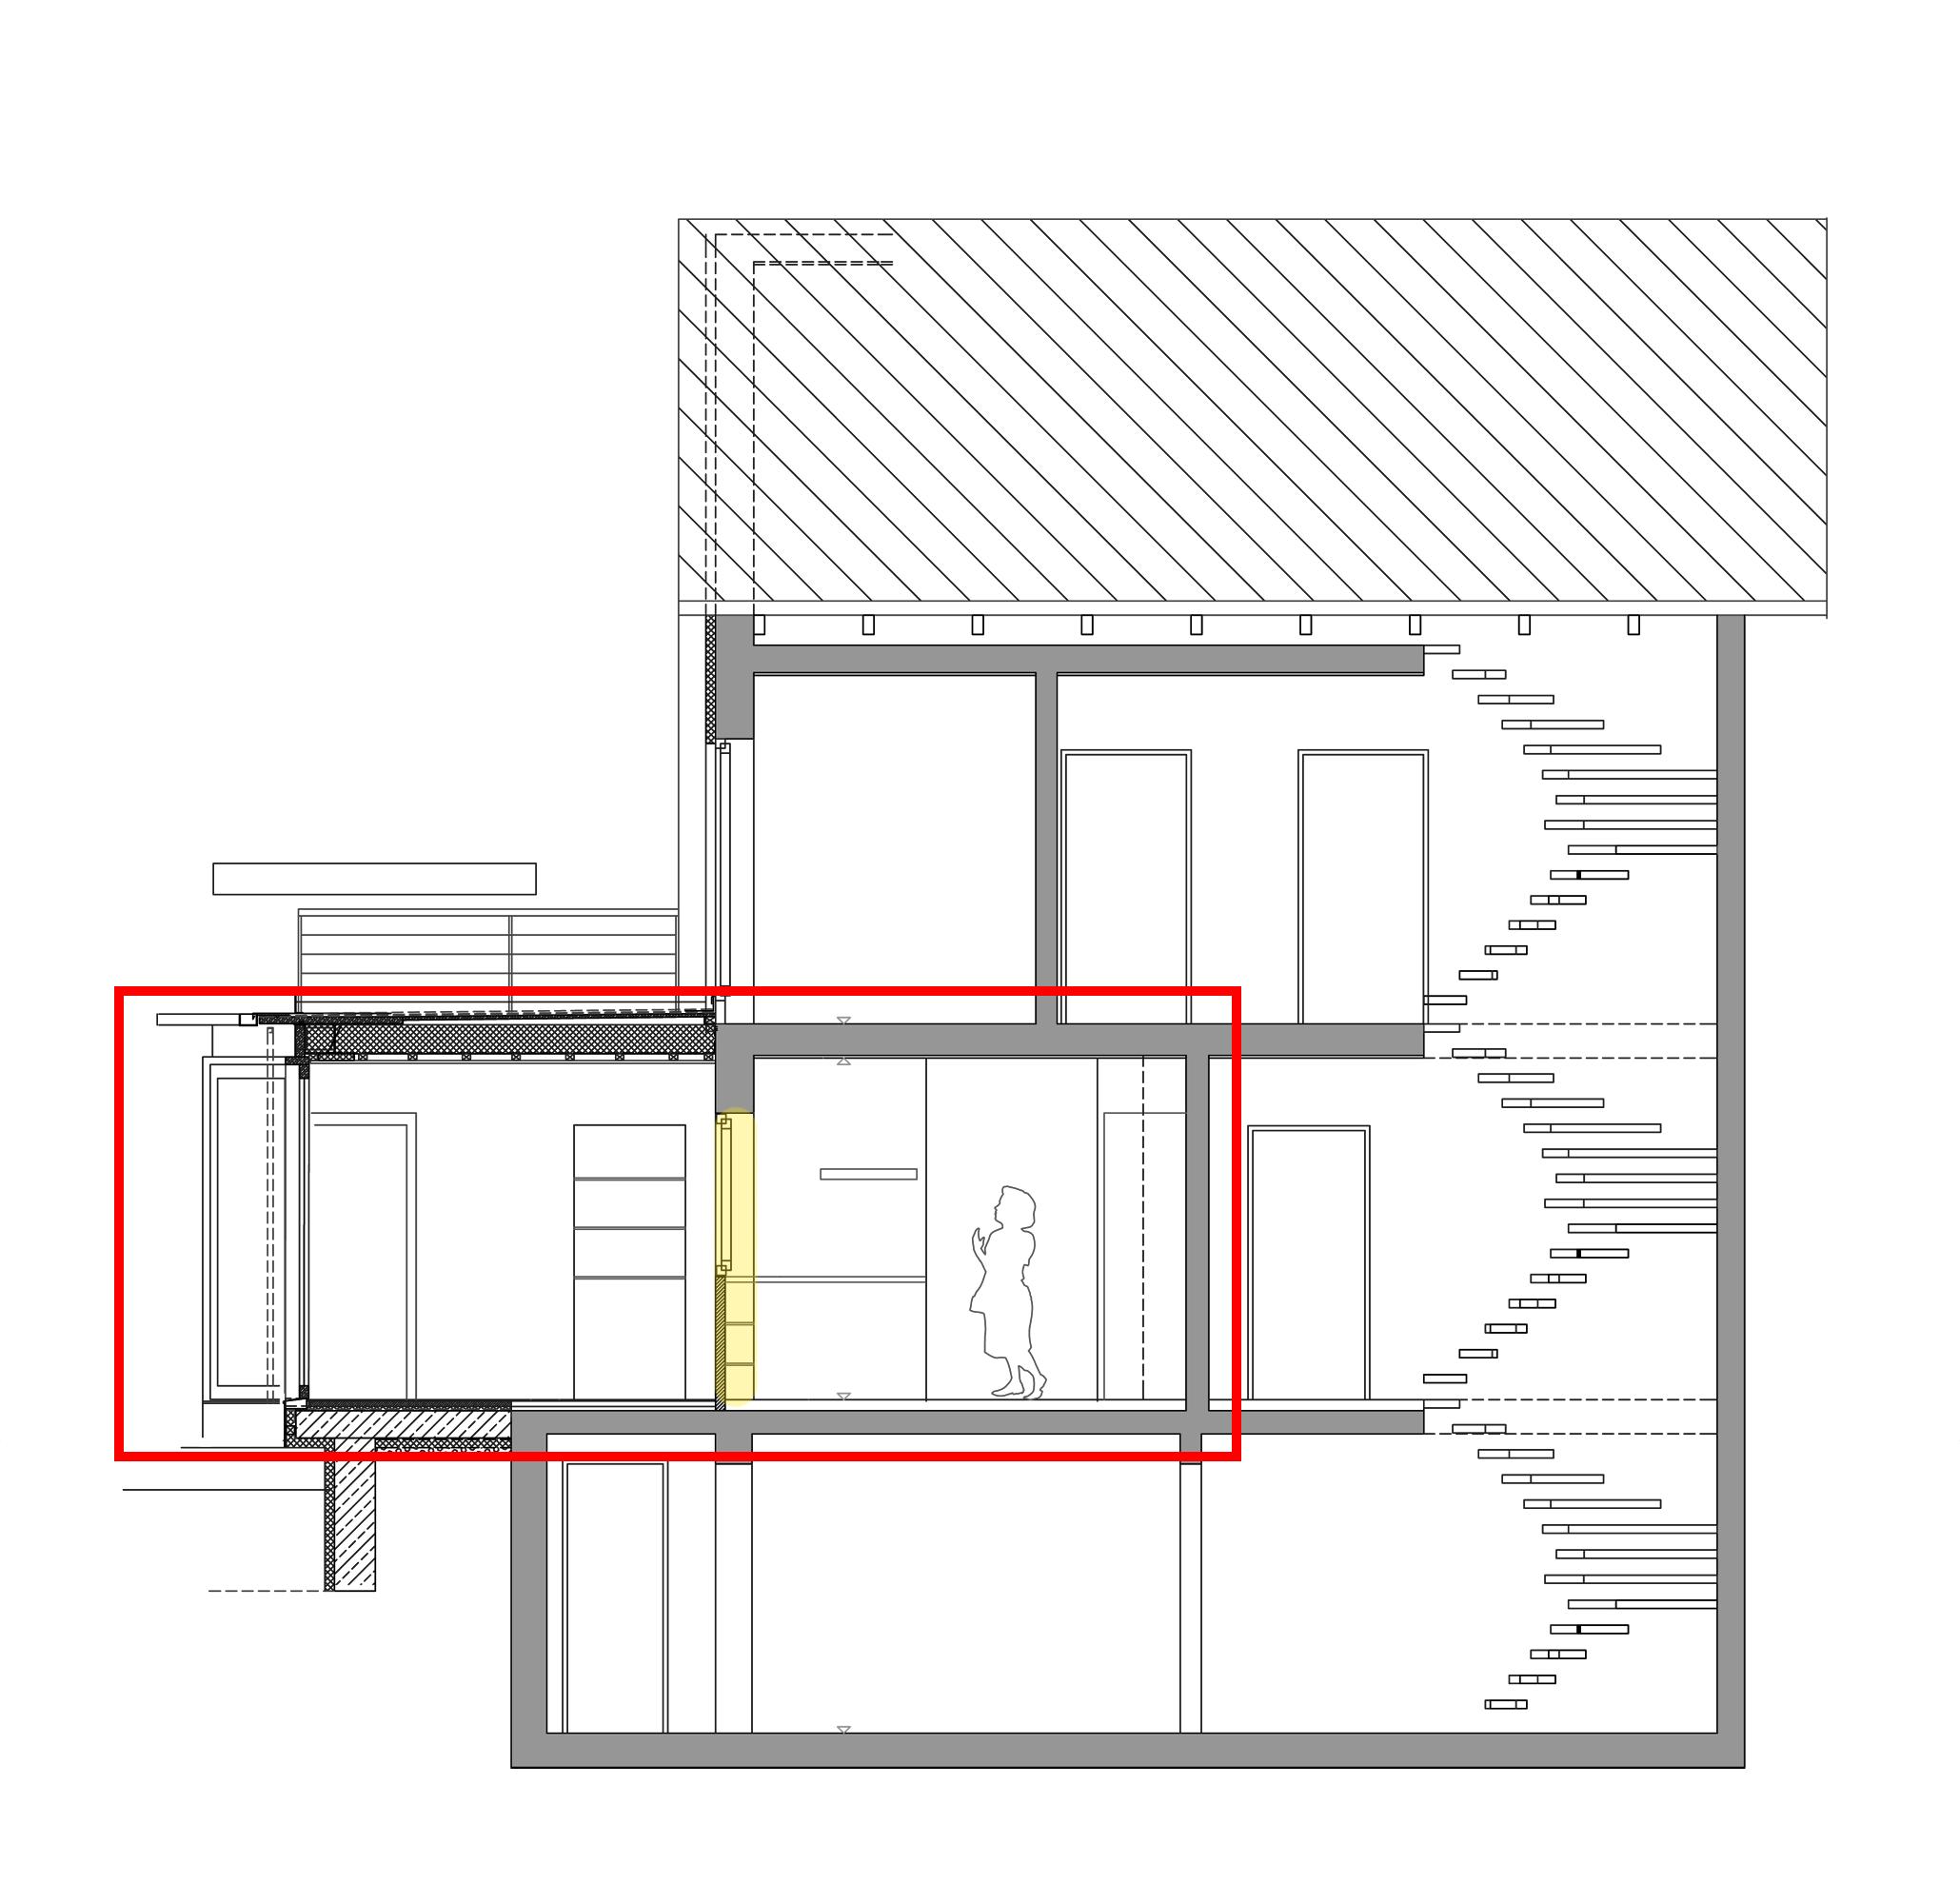 erweiterung einer arztpraxis auf die spitze getrieben blauhaus architekten. Black Bedroom Furniture Sets. Home Design Ideas